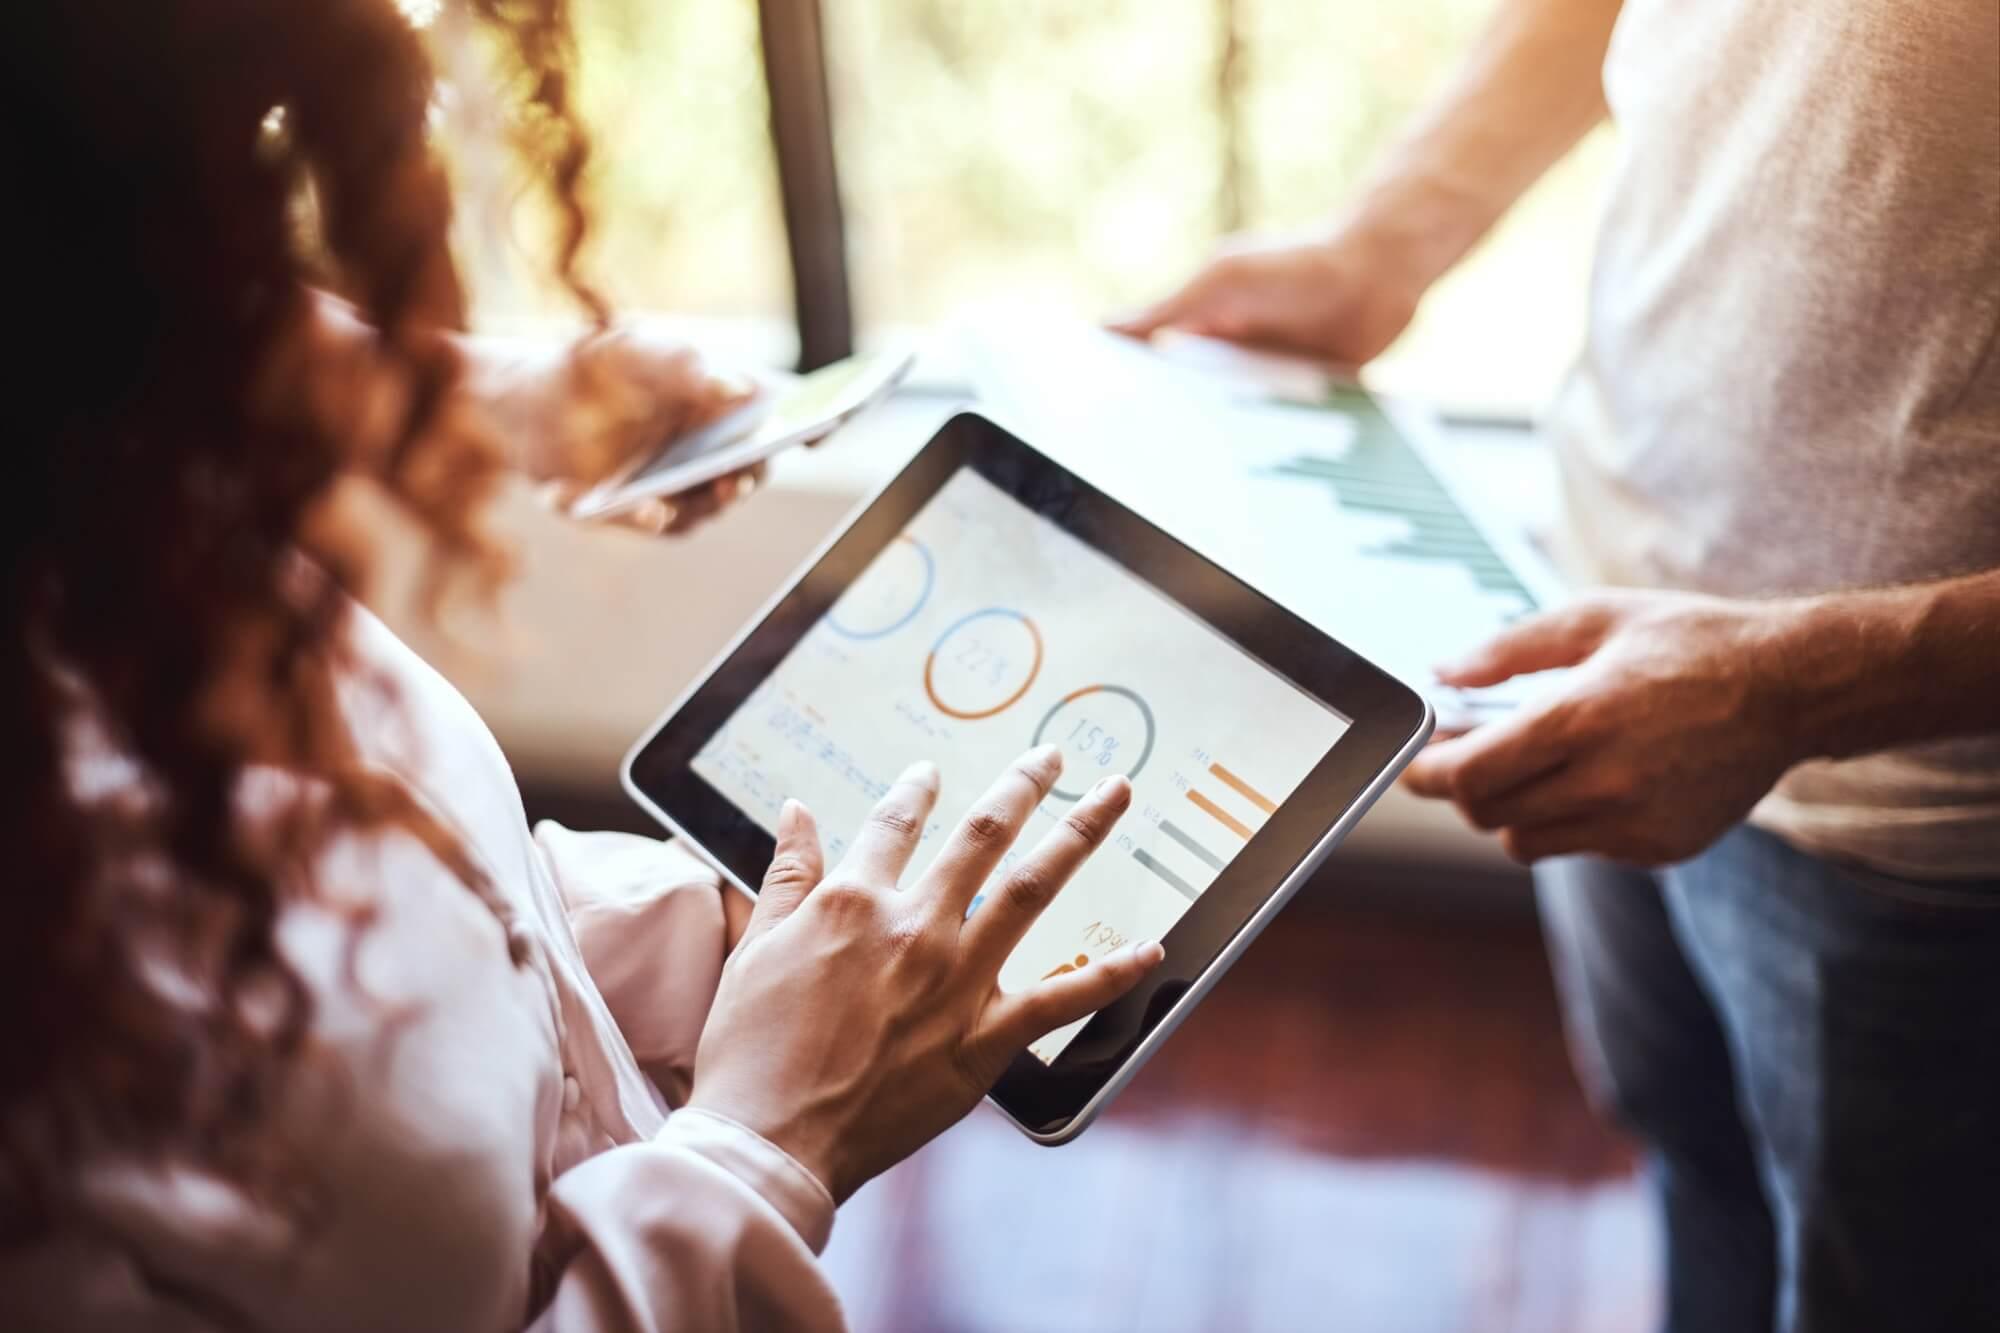 Formas de alavancar sua empresa usando a tecnologia